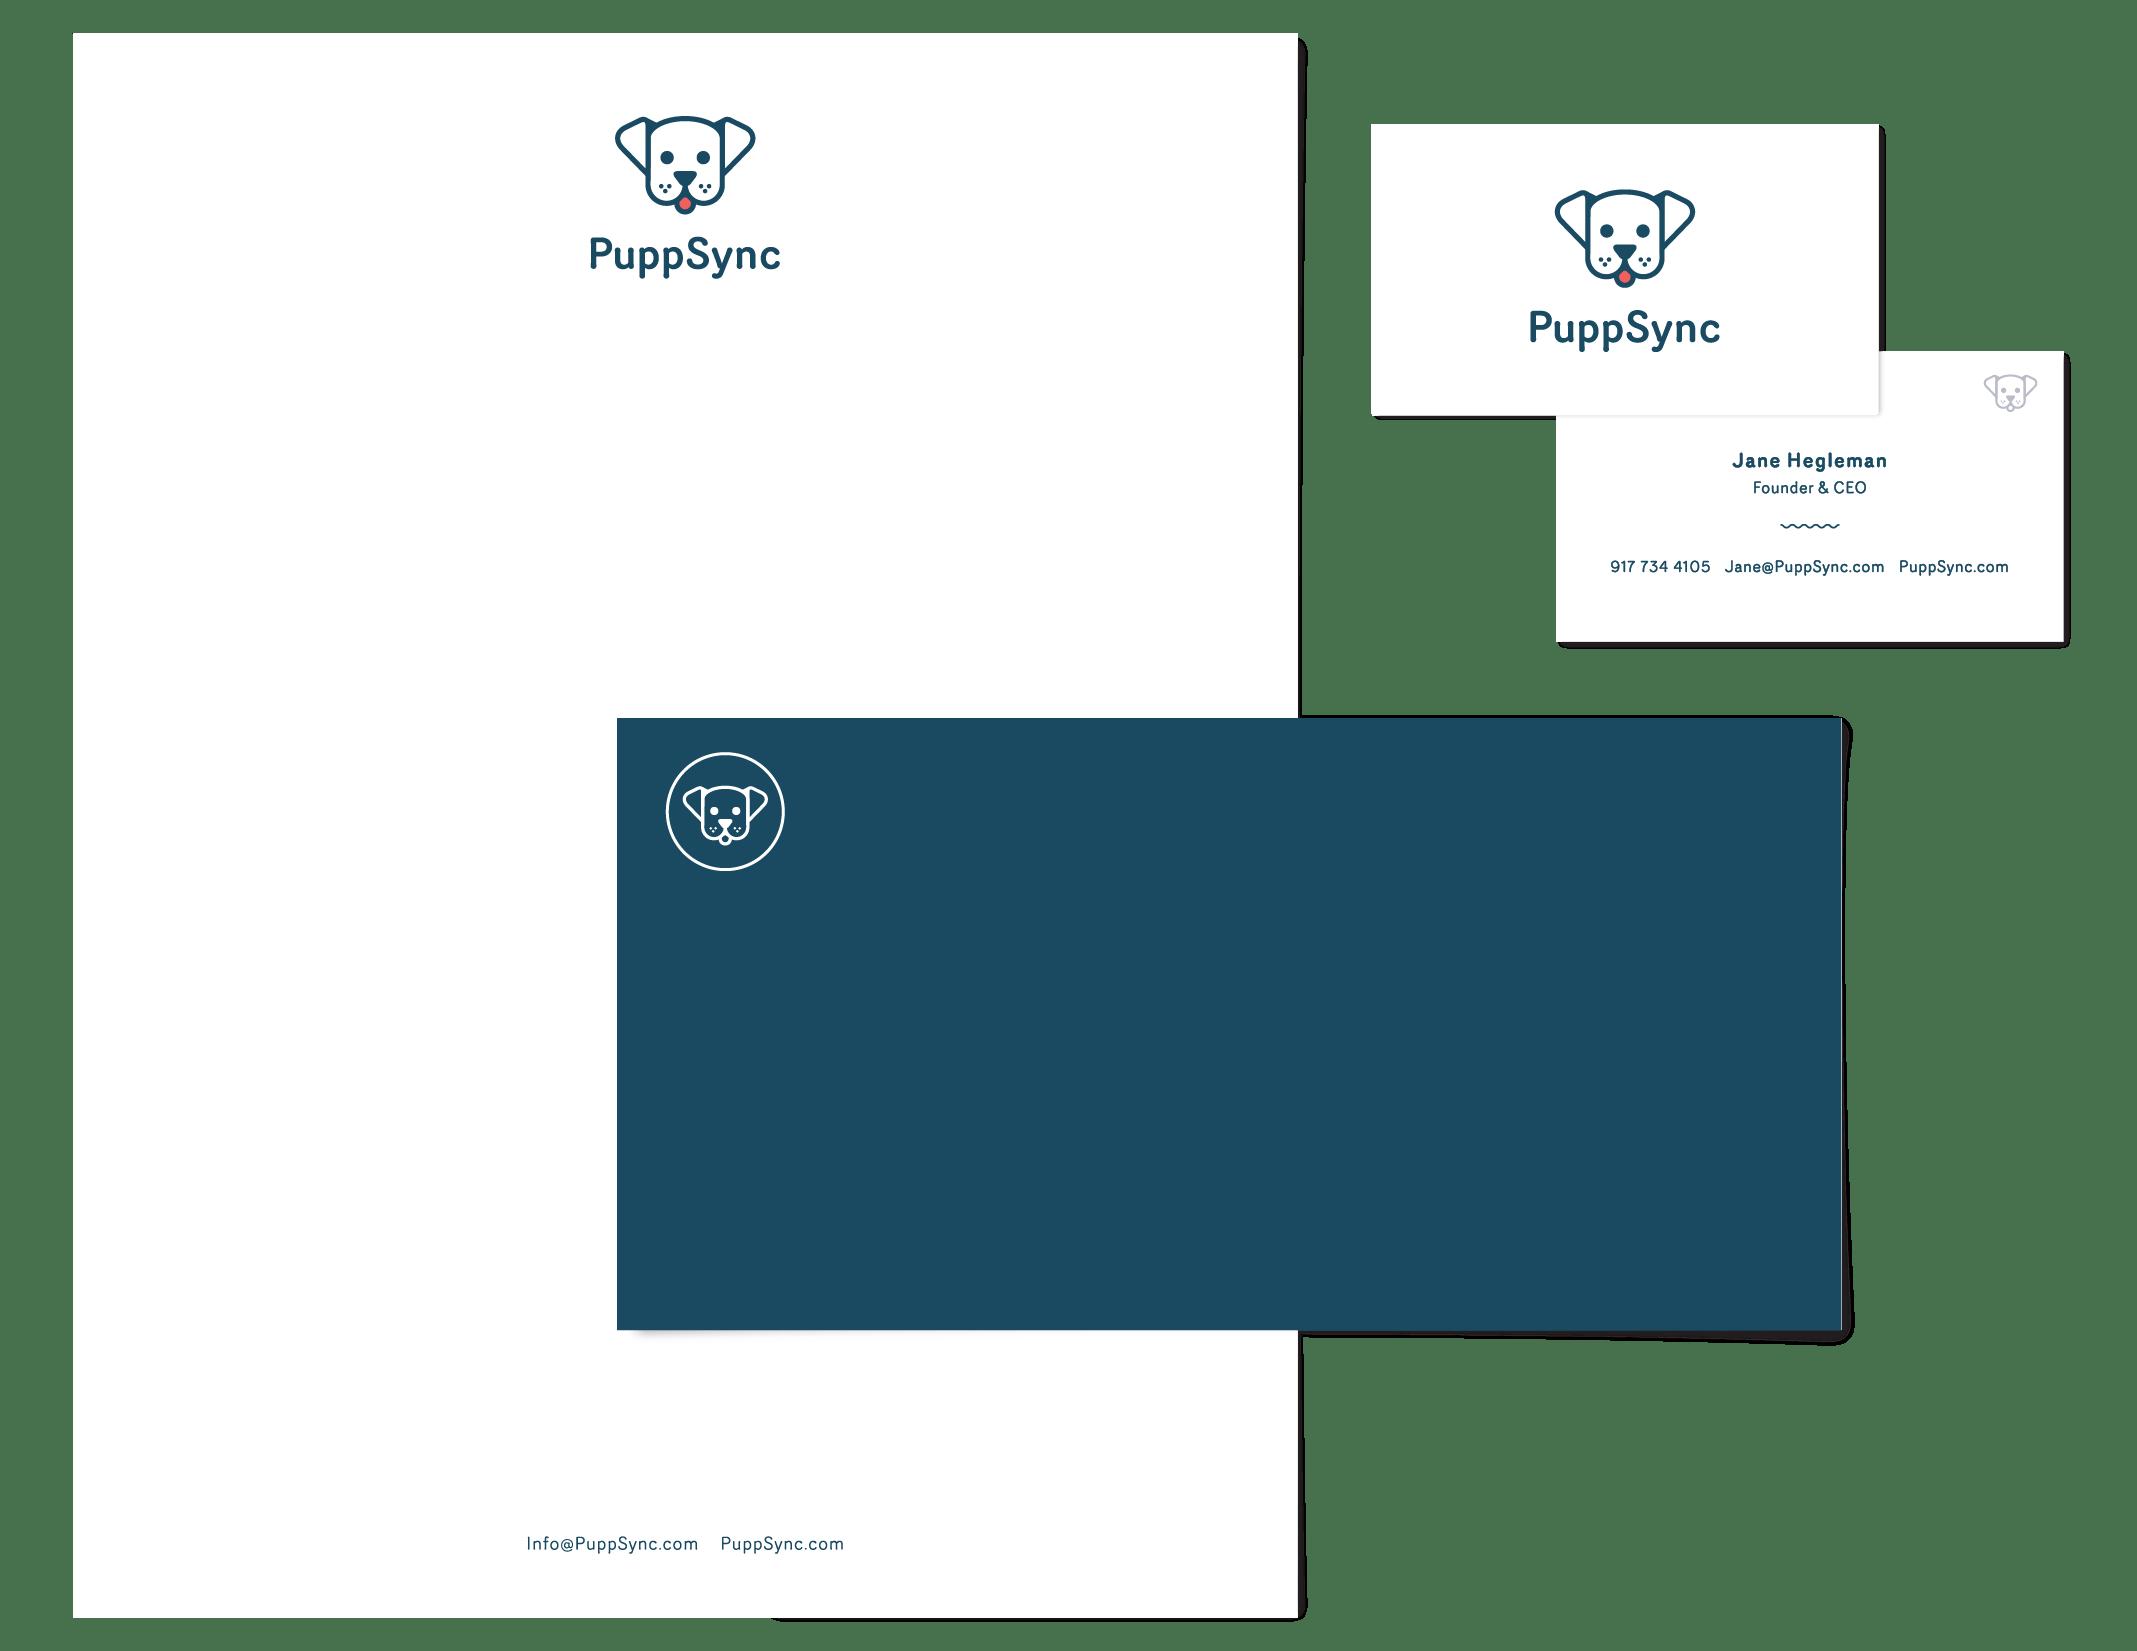 KarenMessing-PuppSync-4